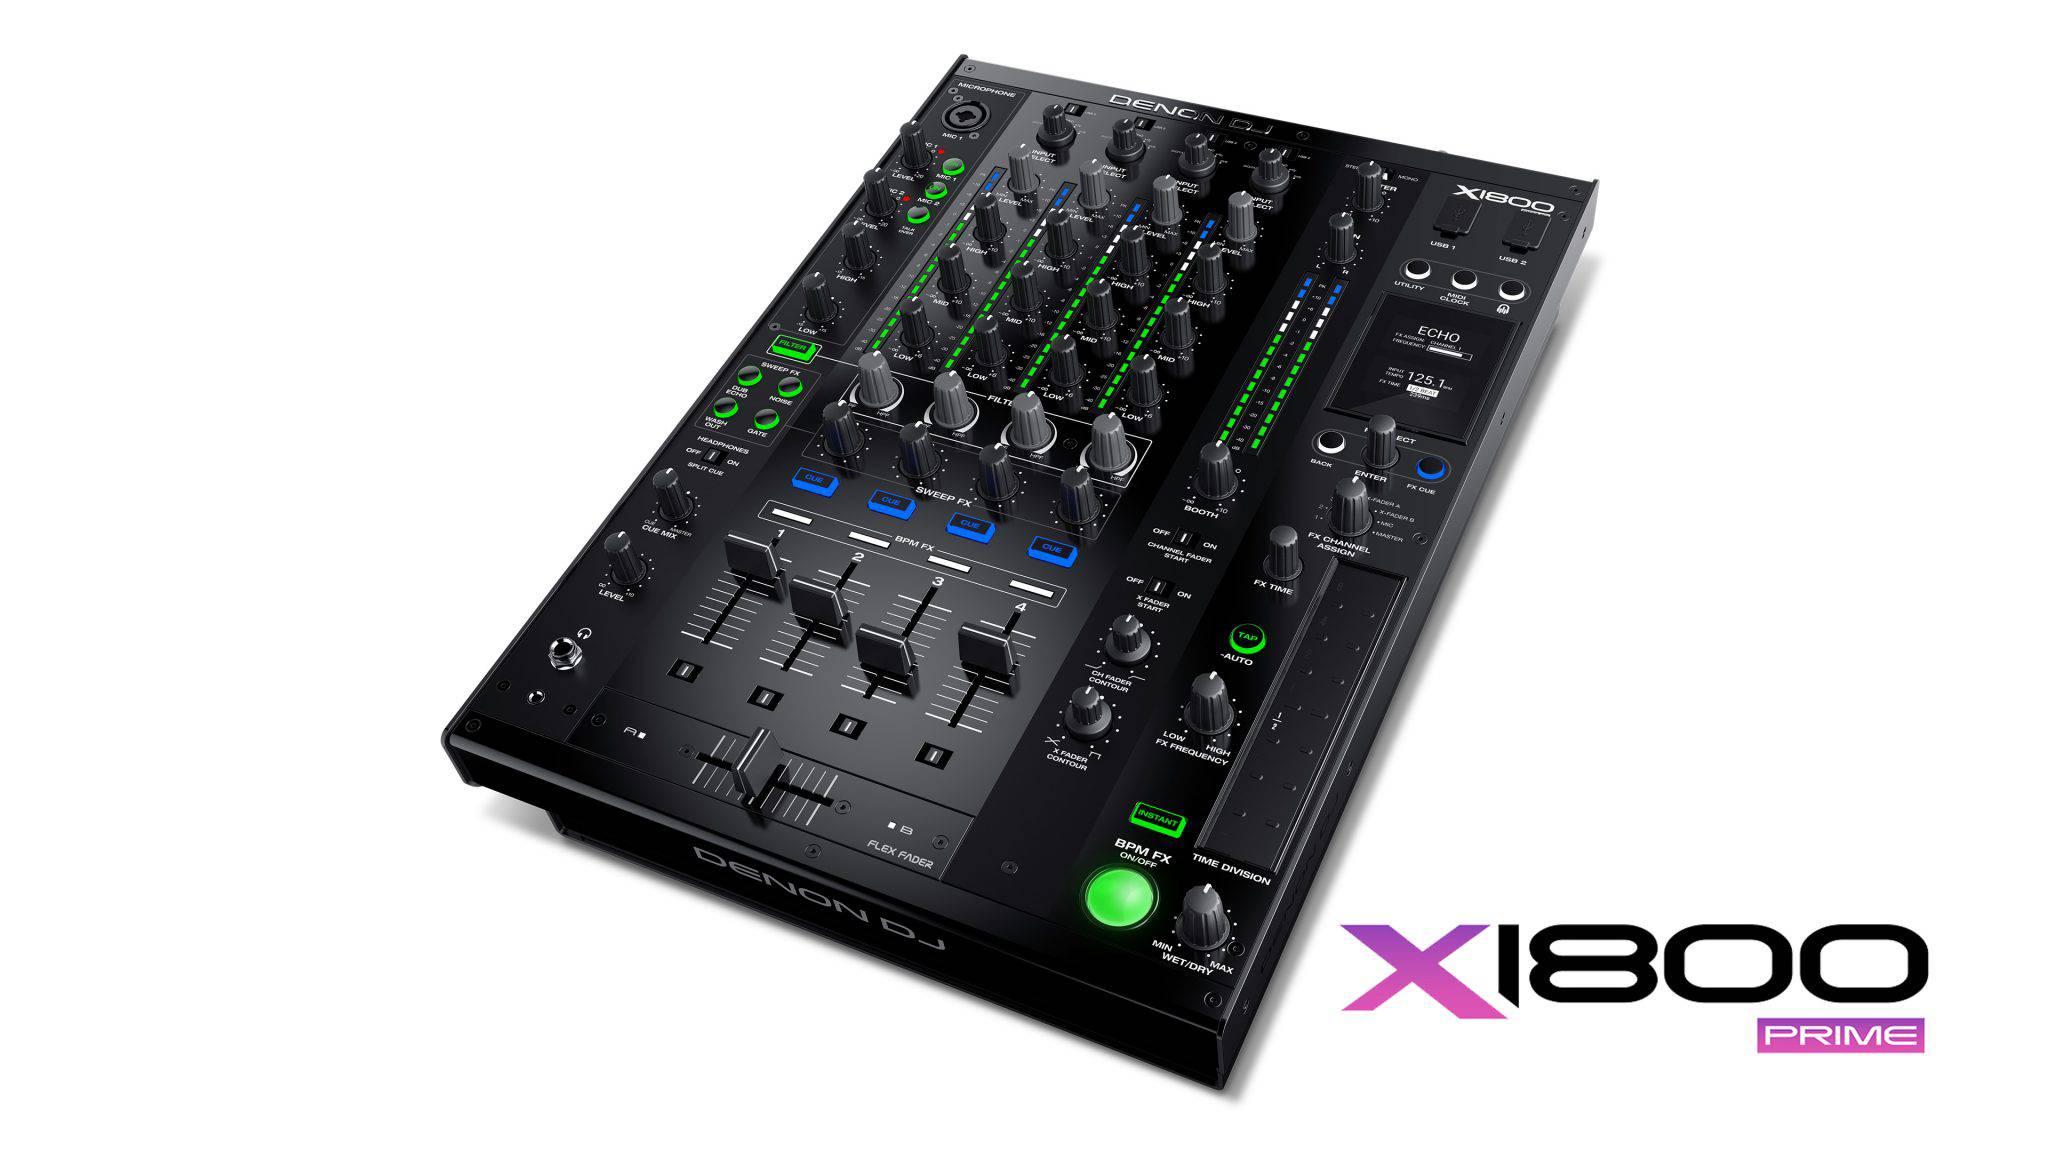 Denon X1800 - Noul mixer digital cu 4 canale din seria PRIME